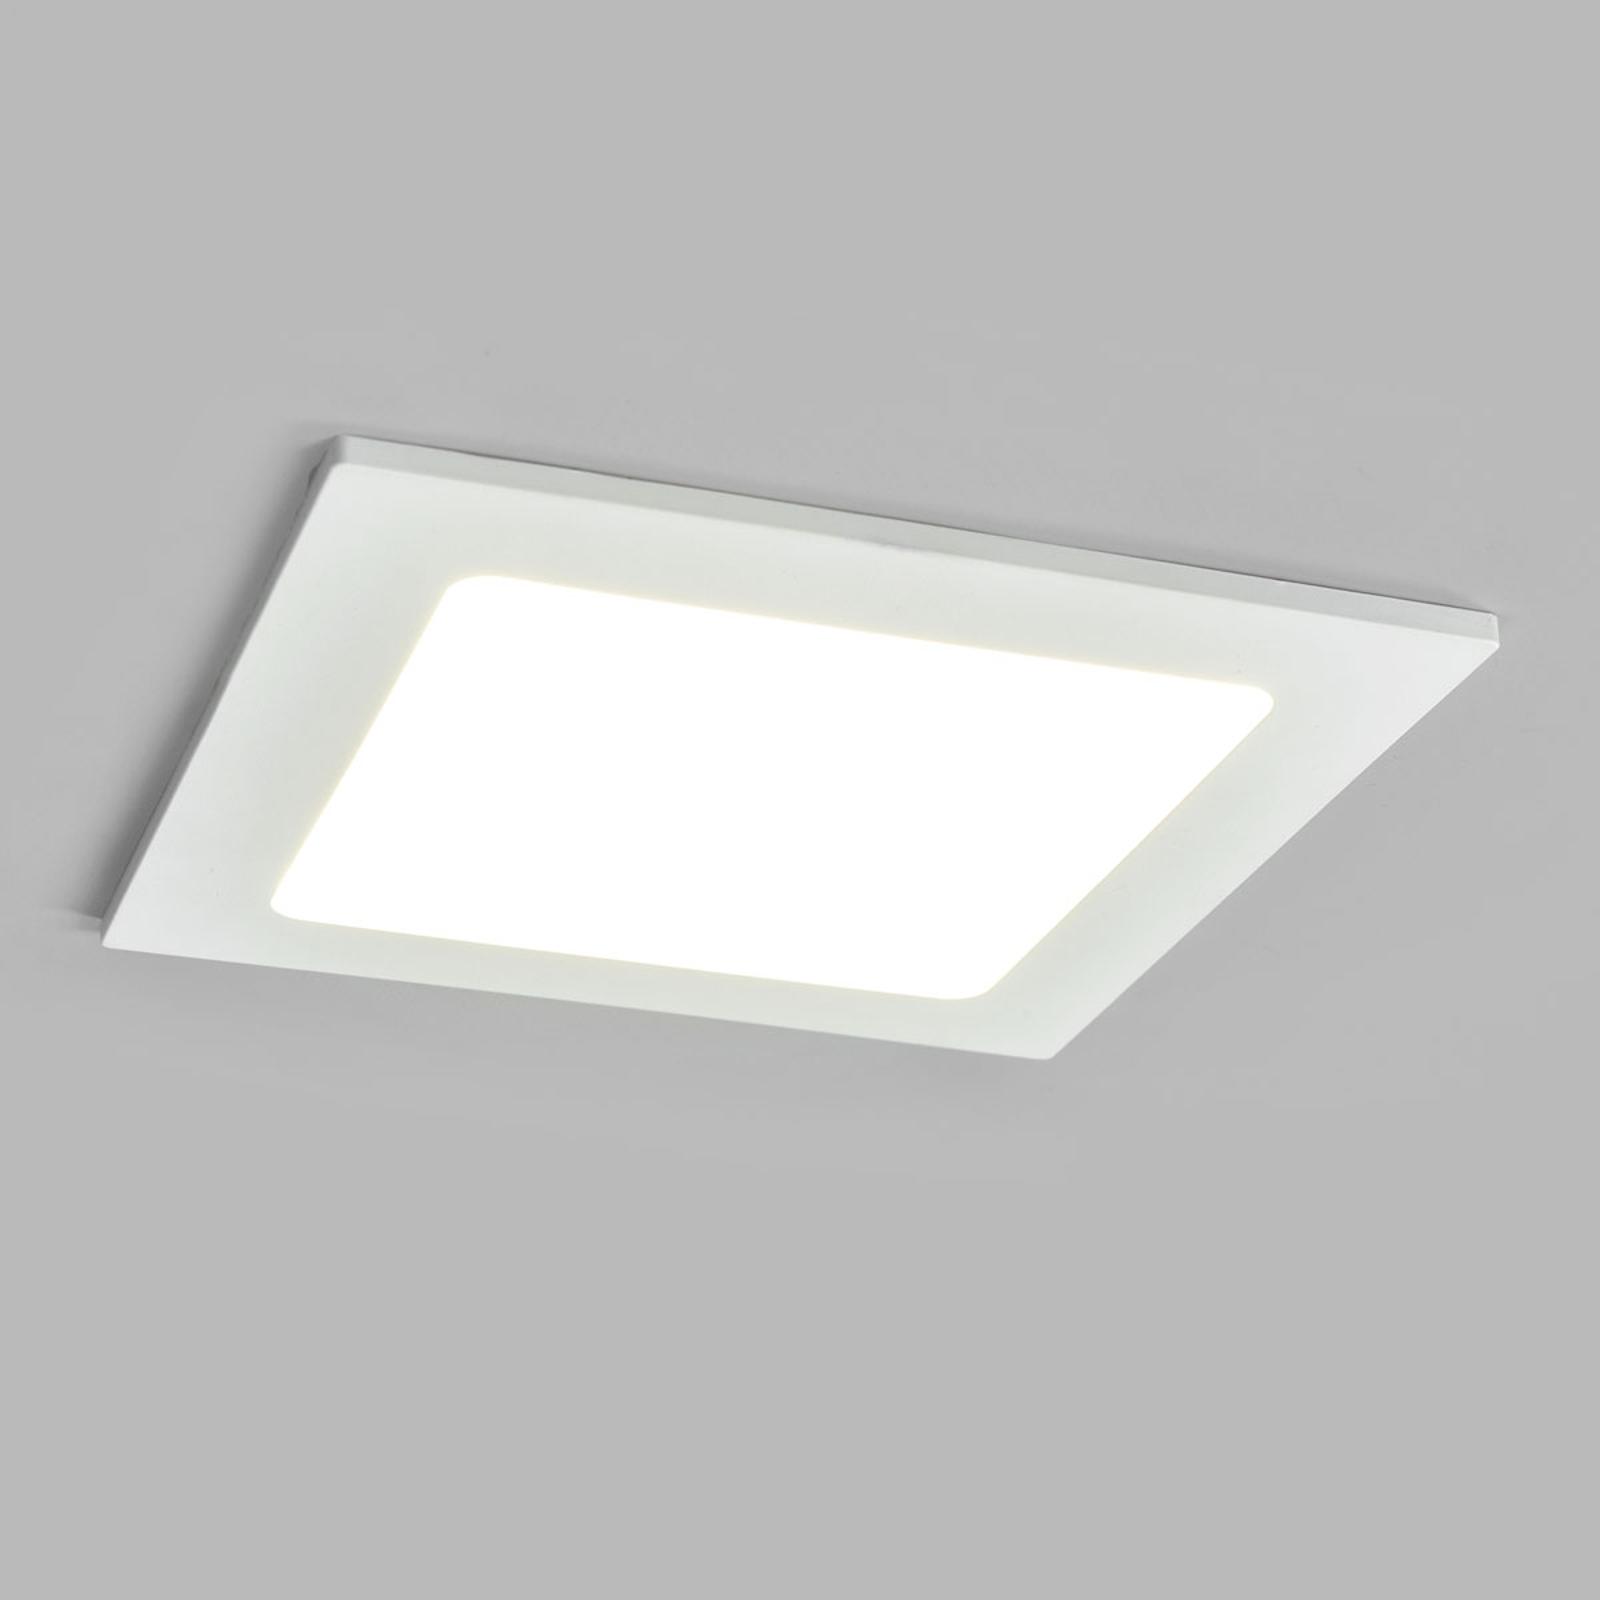 LED-kohdevalo Joki valkoinen 4000K kulmikas 16,5cm